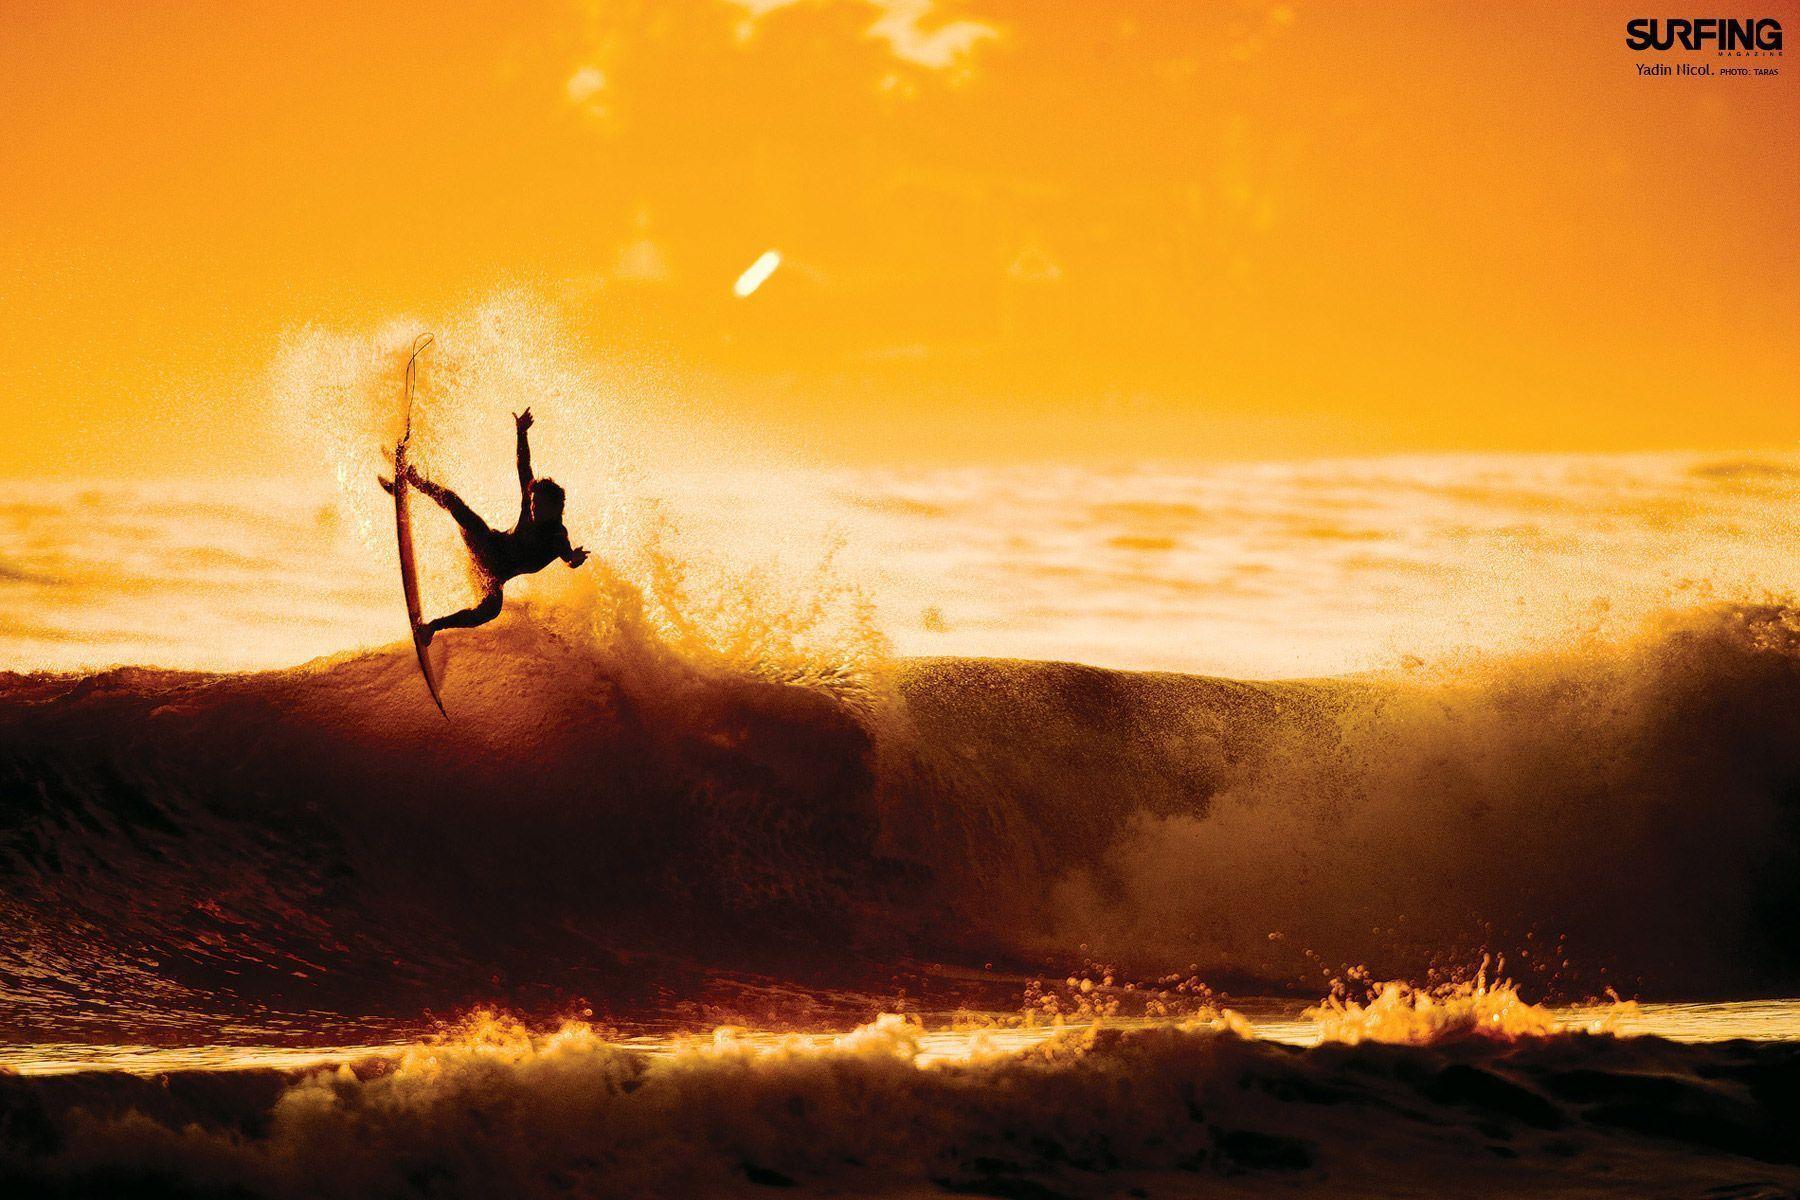 3D Surfing Wallpaper 16566